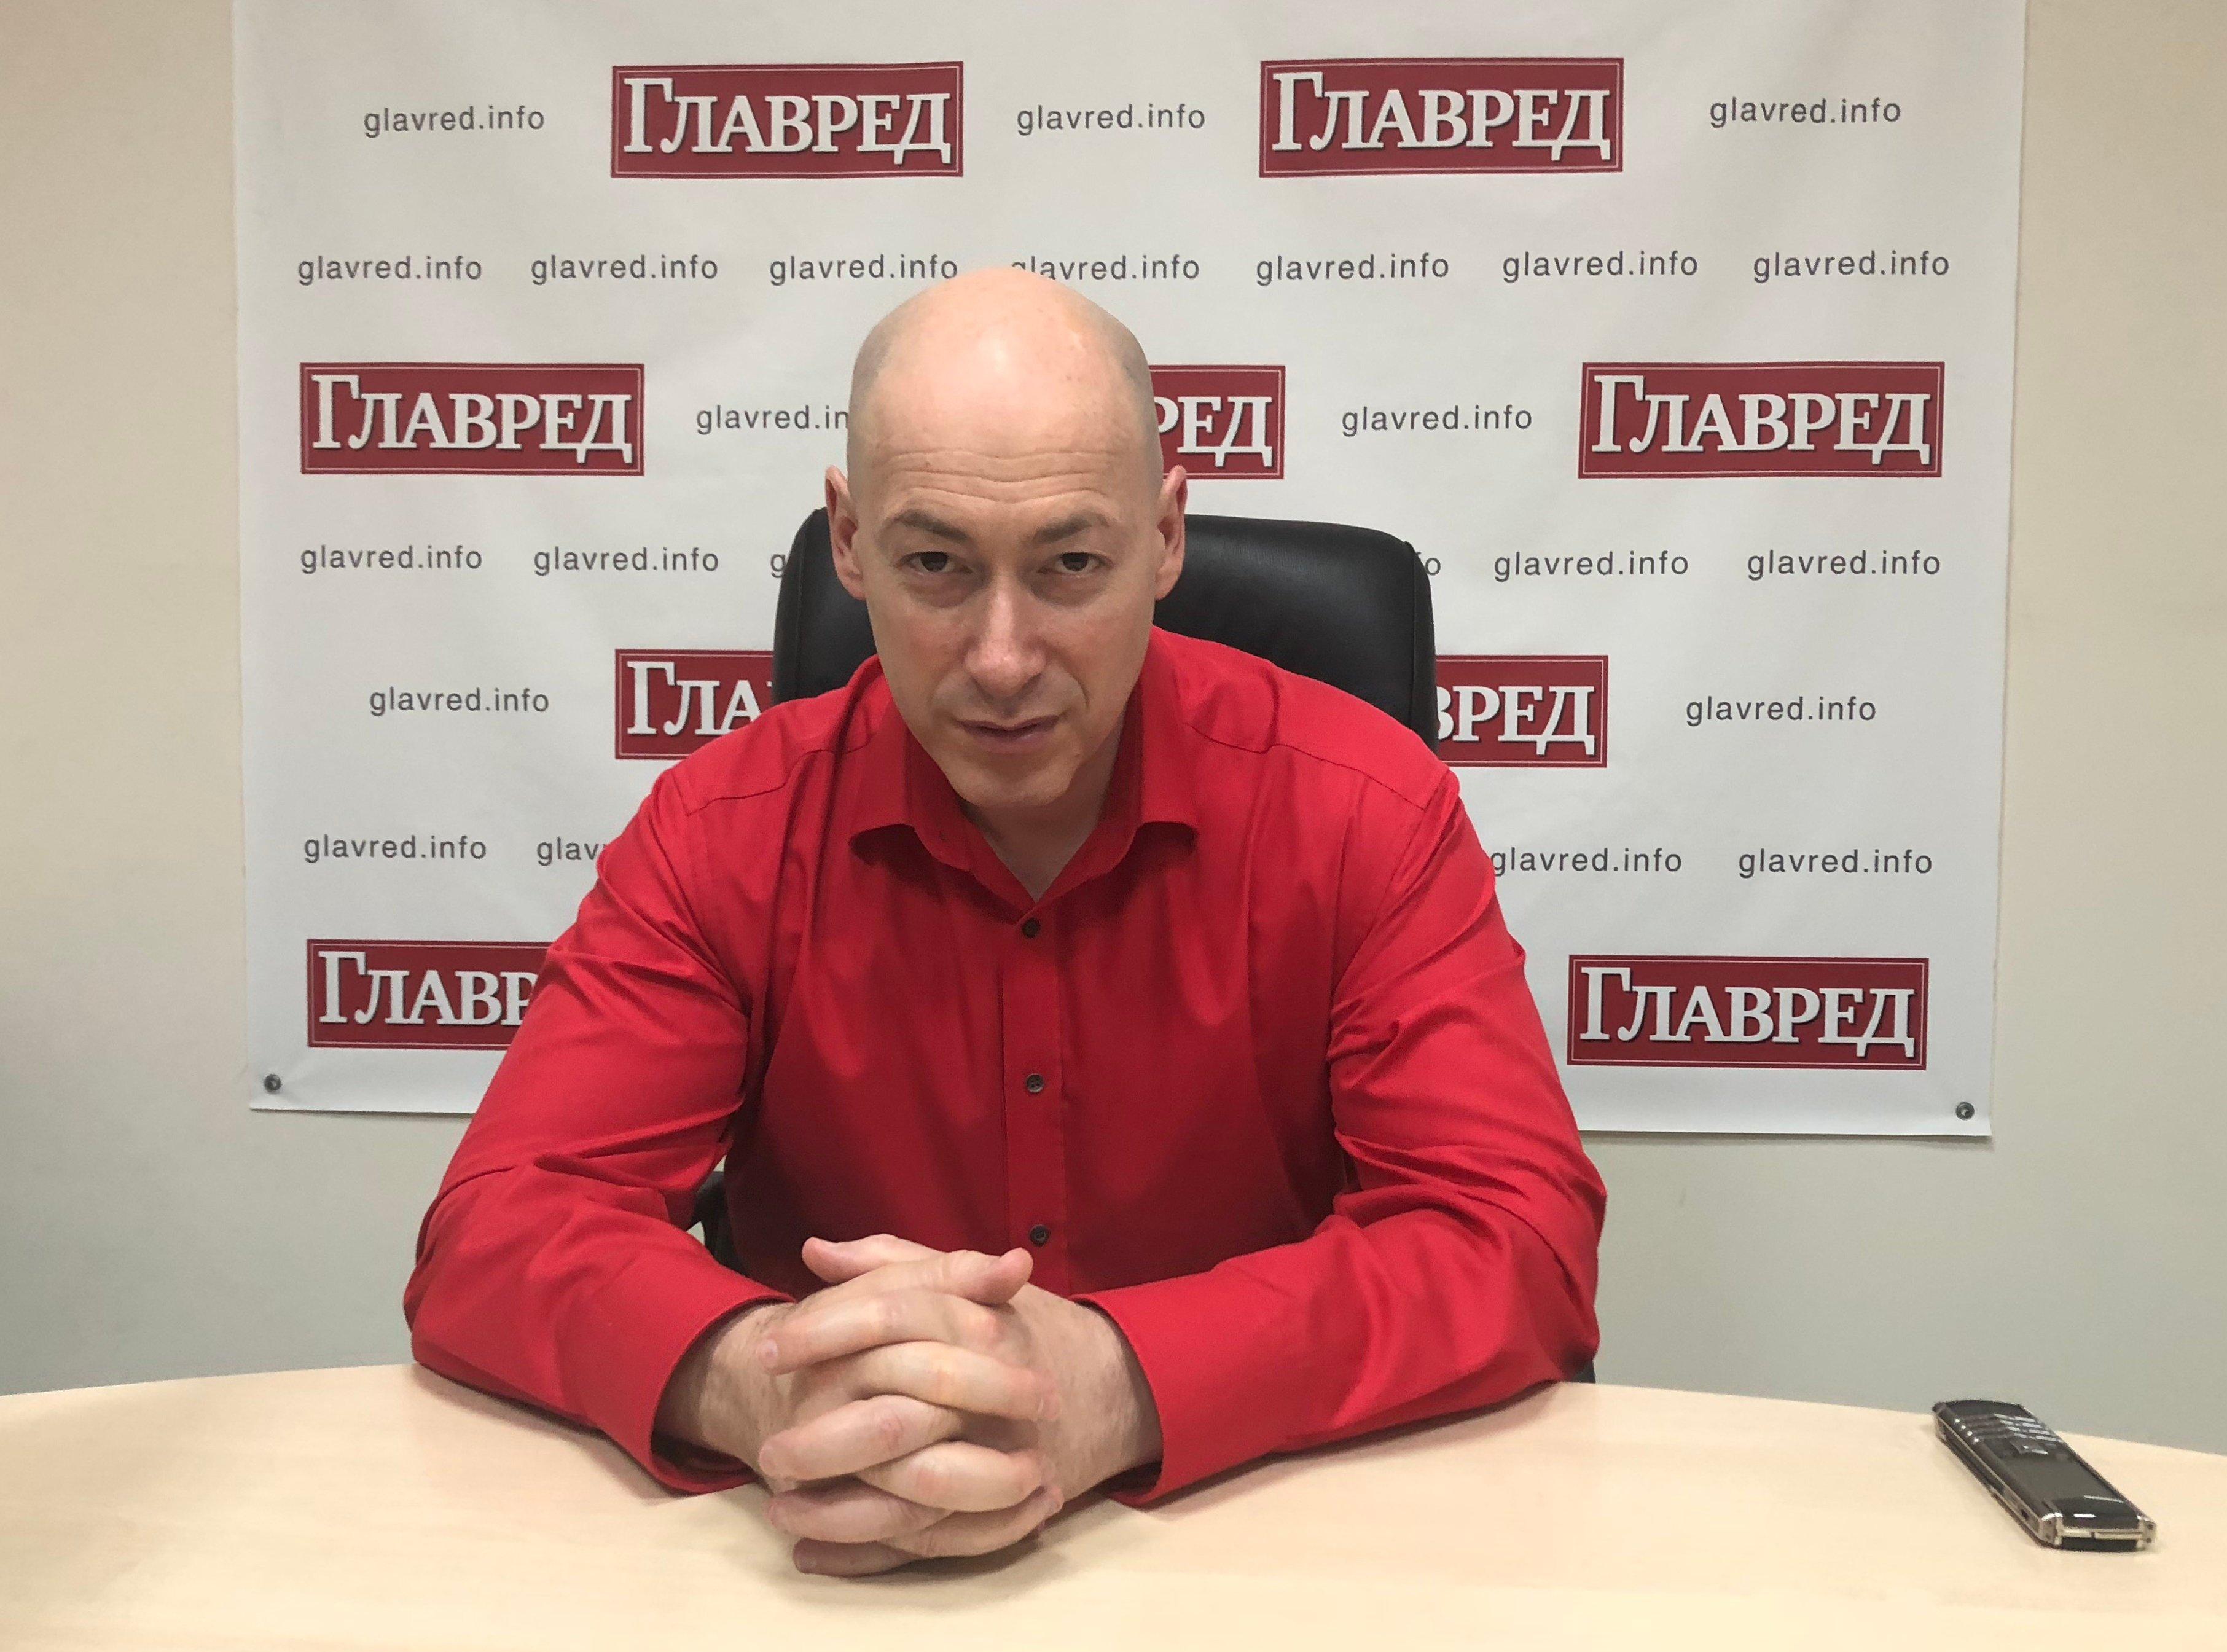 Дмитрий Гордон сказал, что Петр Порошенко обманывал Владимира Путина - Новости Украина